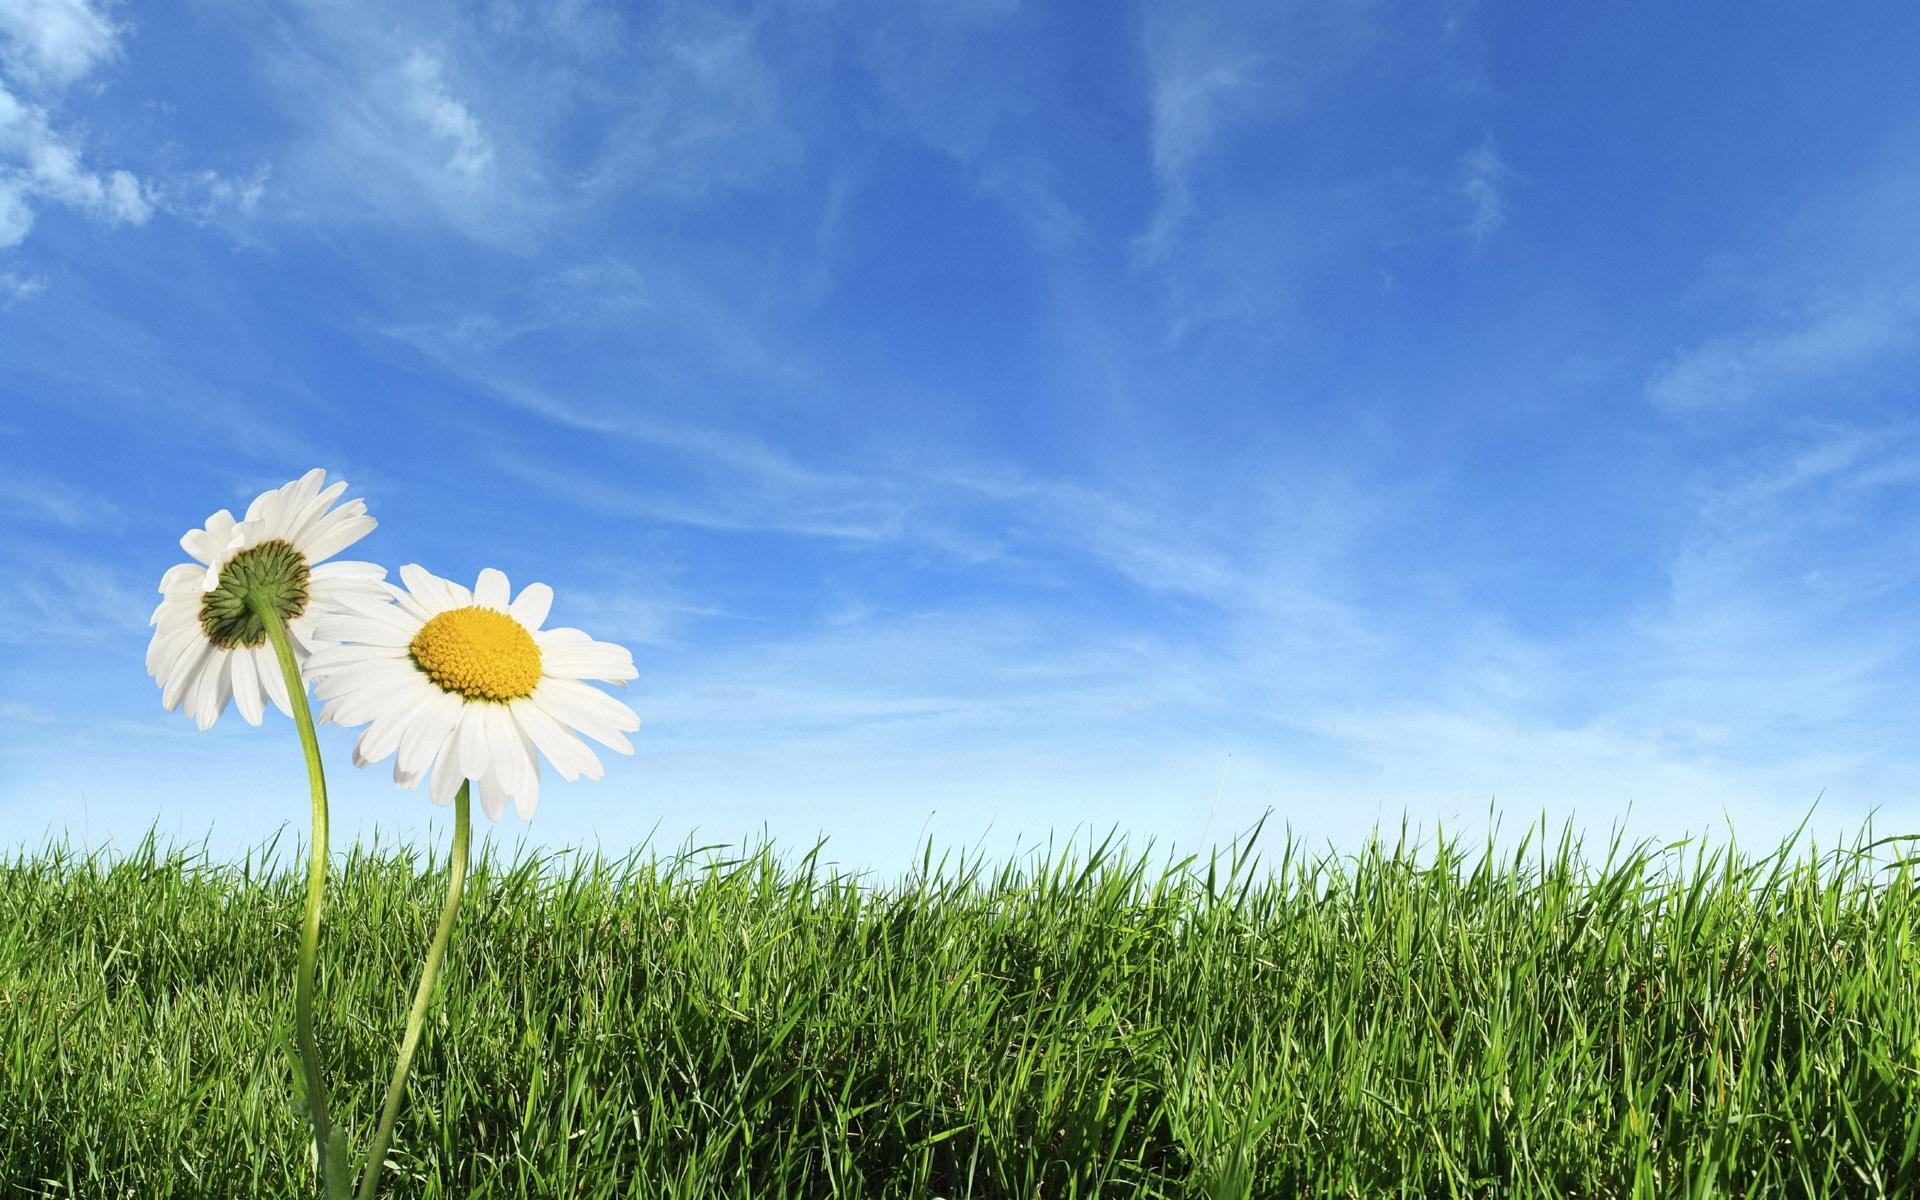 8362 скачать обои Растения, Цветы, Трава, Ромашки - заставки и картинки бесплатно